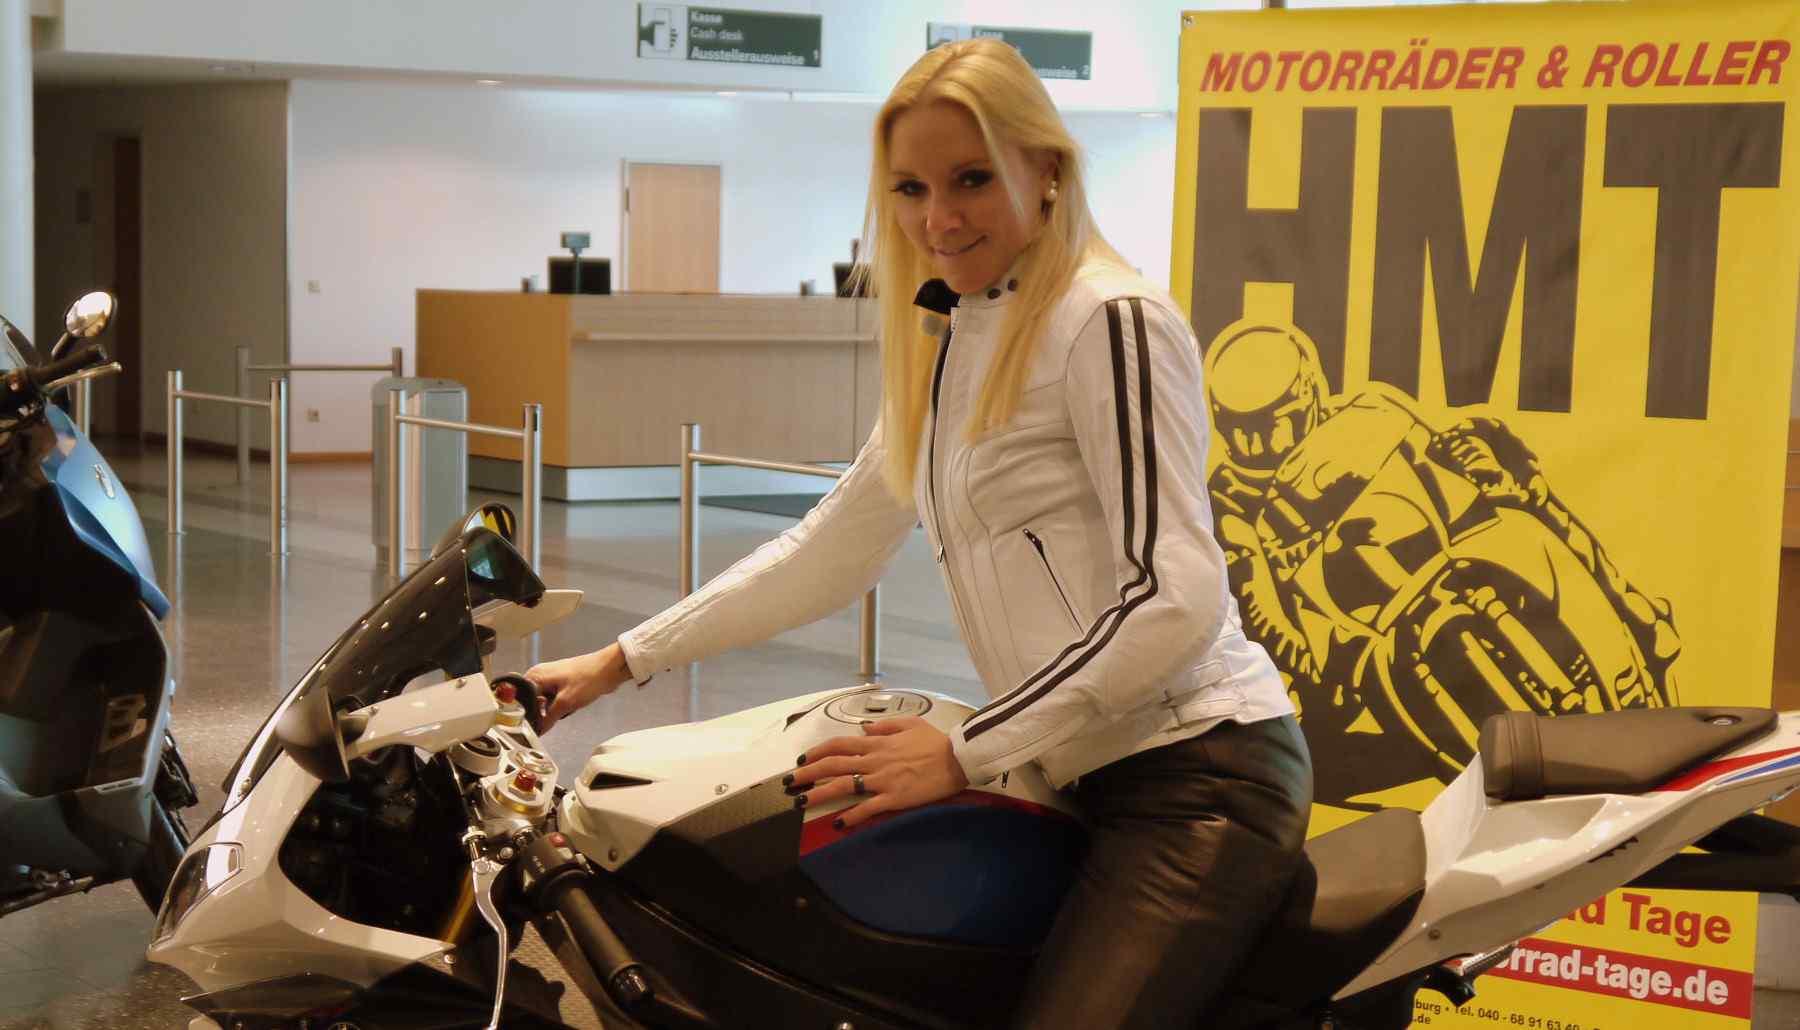 Hamburger Motorrad Tage Hamburg 2012 - Frau auf Motorrad